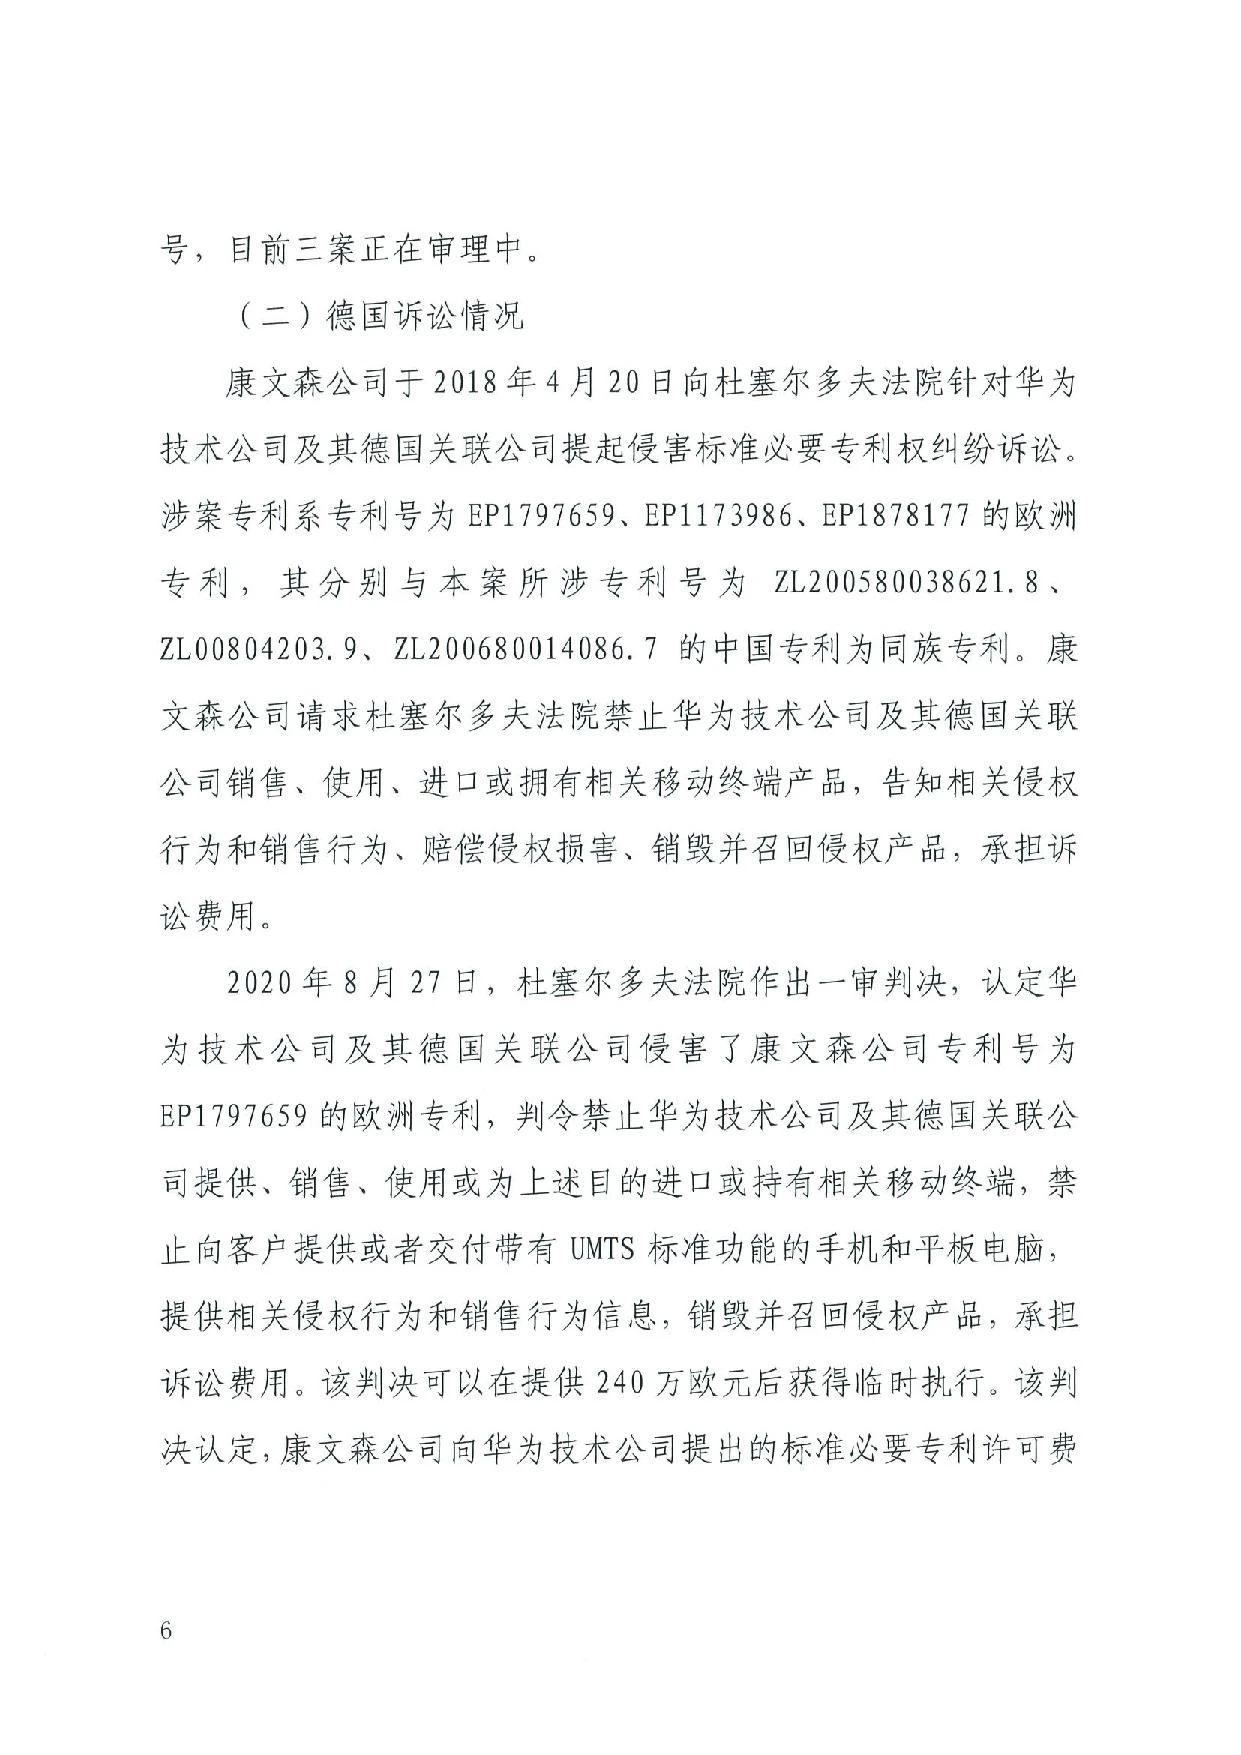 最高院裁定:康文森不得申请执行德国法院关于华为侵犯SEP的判决